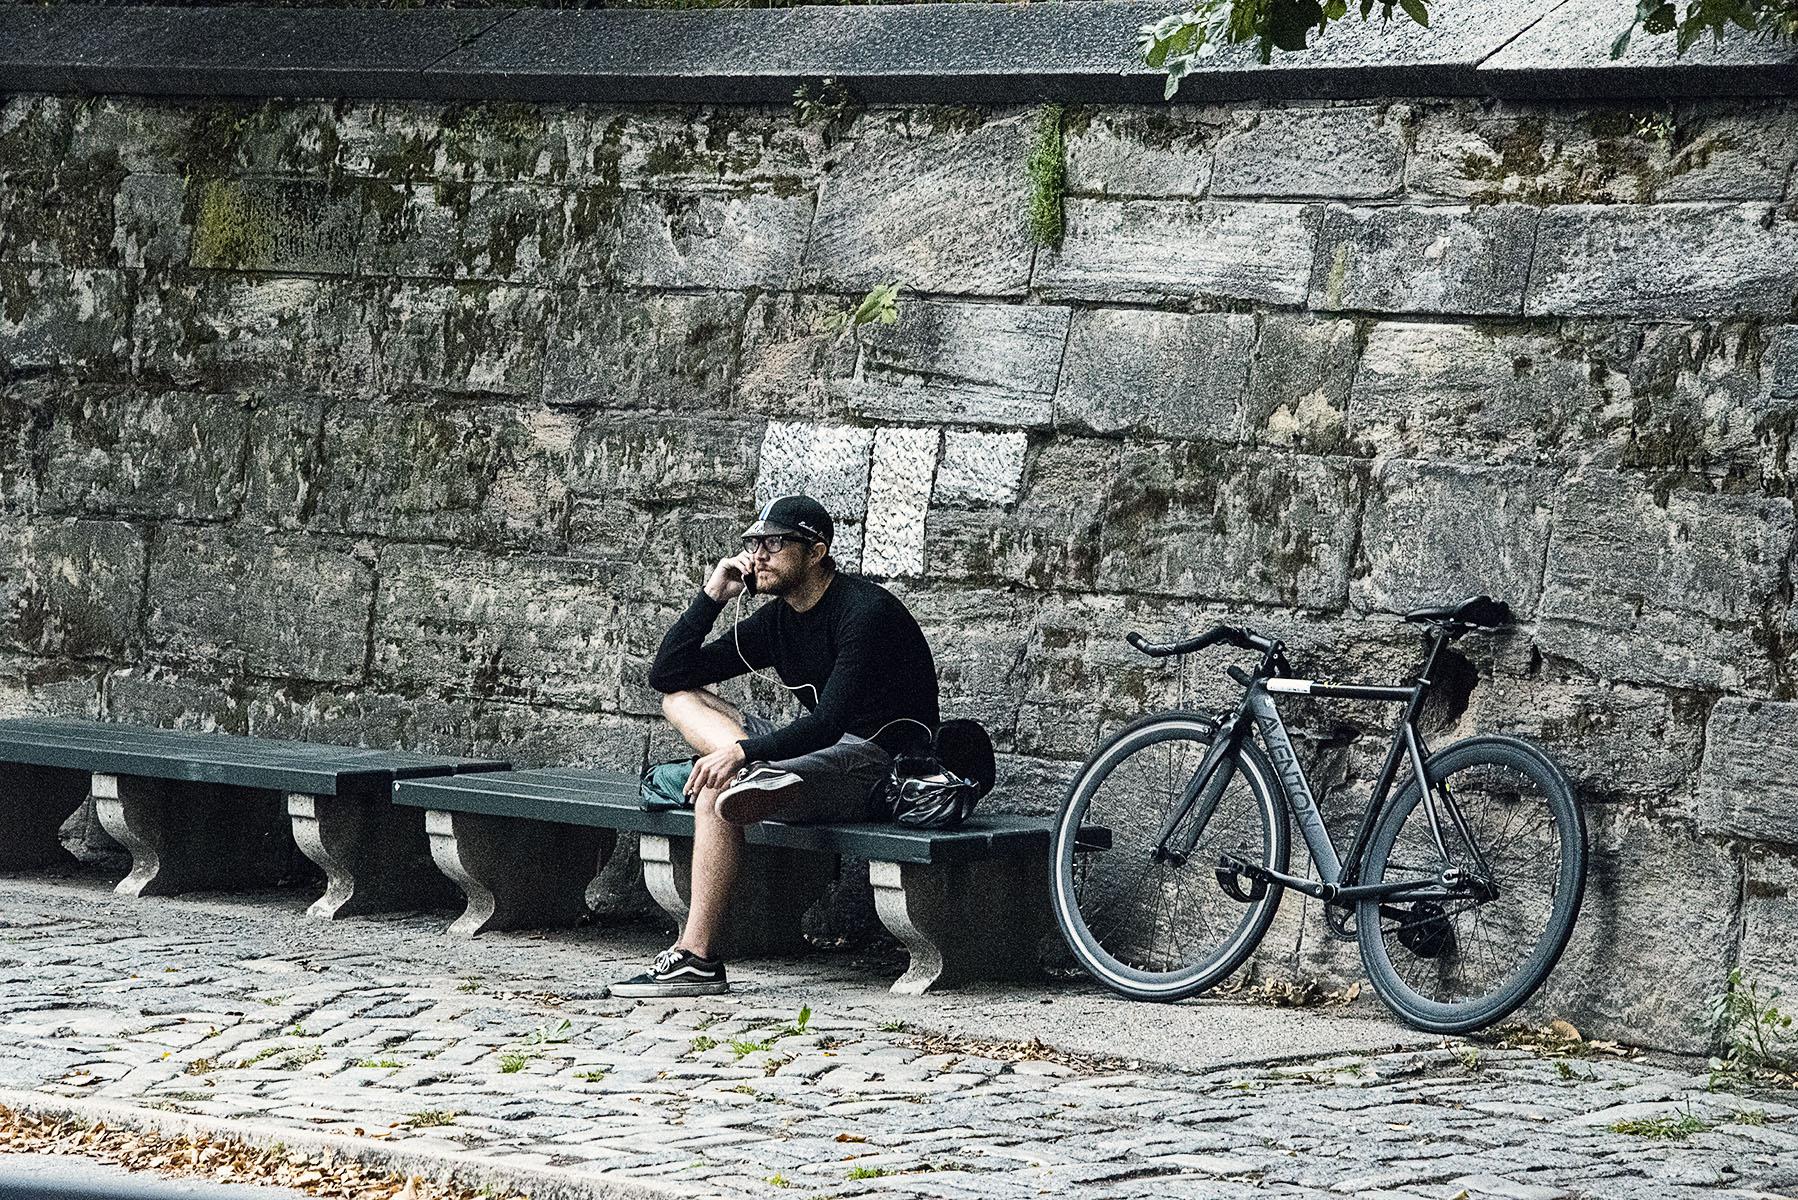 Cool Bike - 527